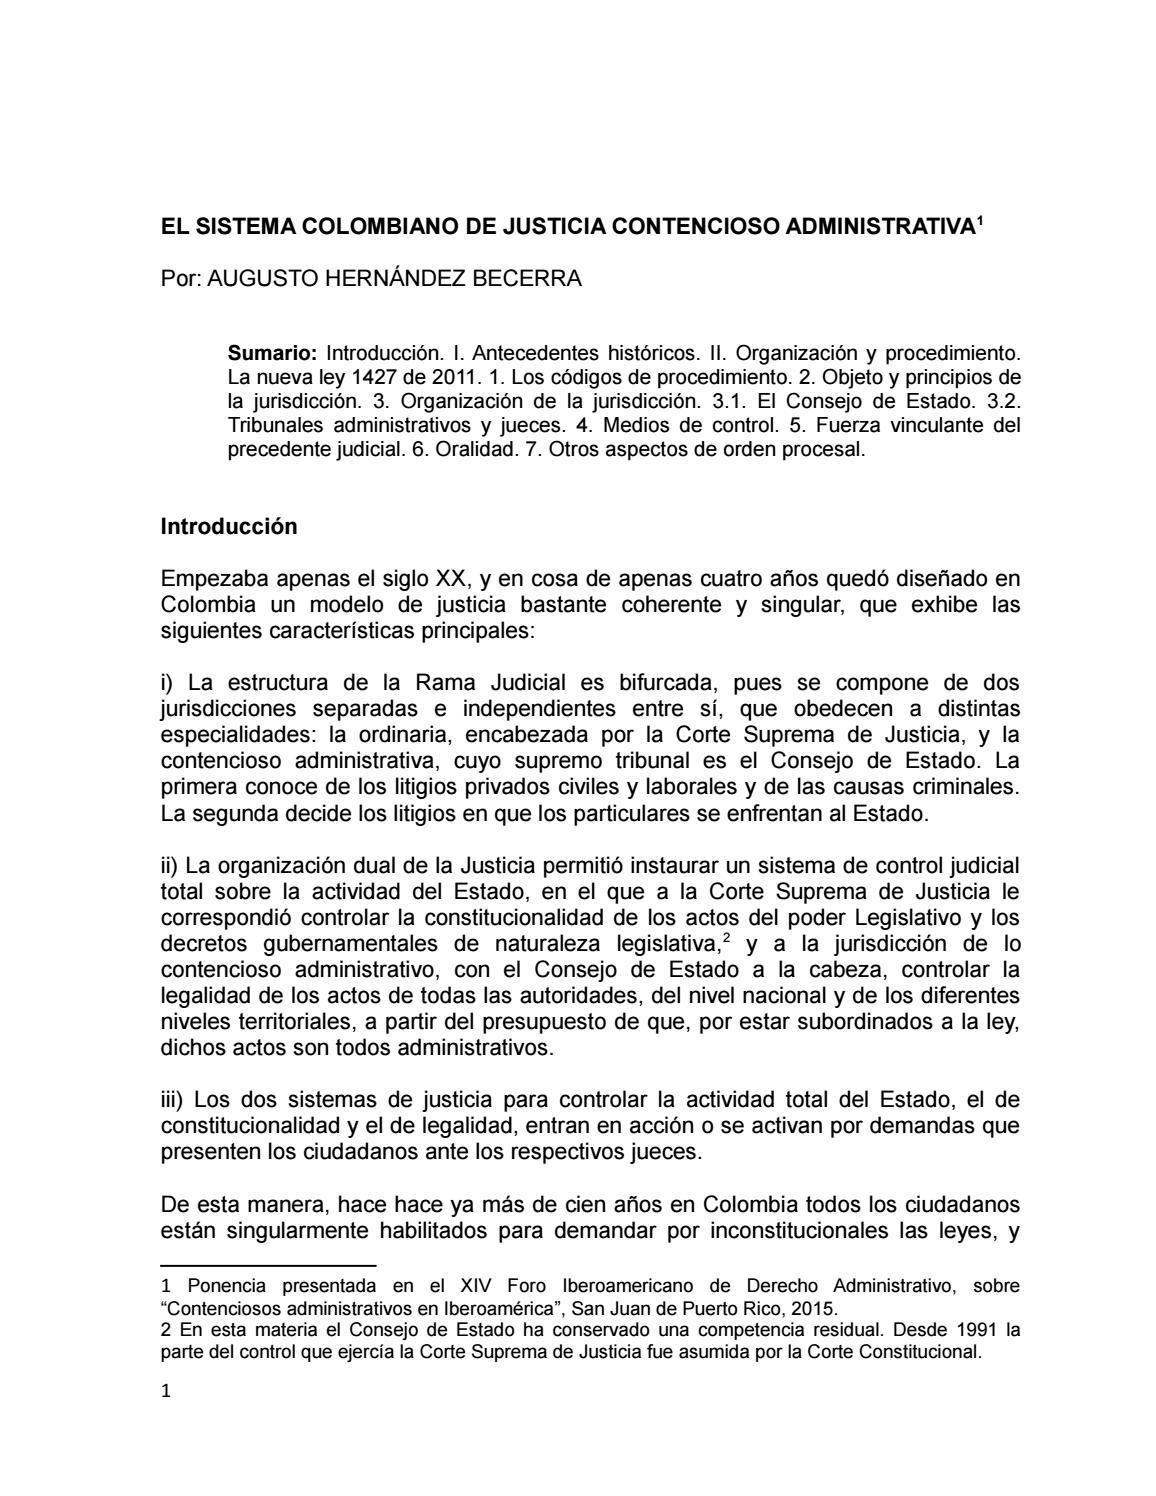 el sistema colombiano de justicia contencioso